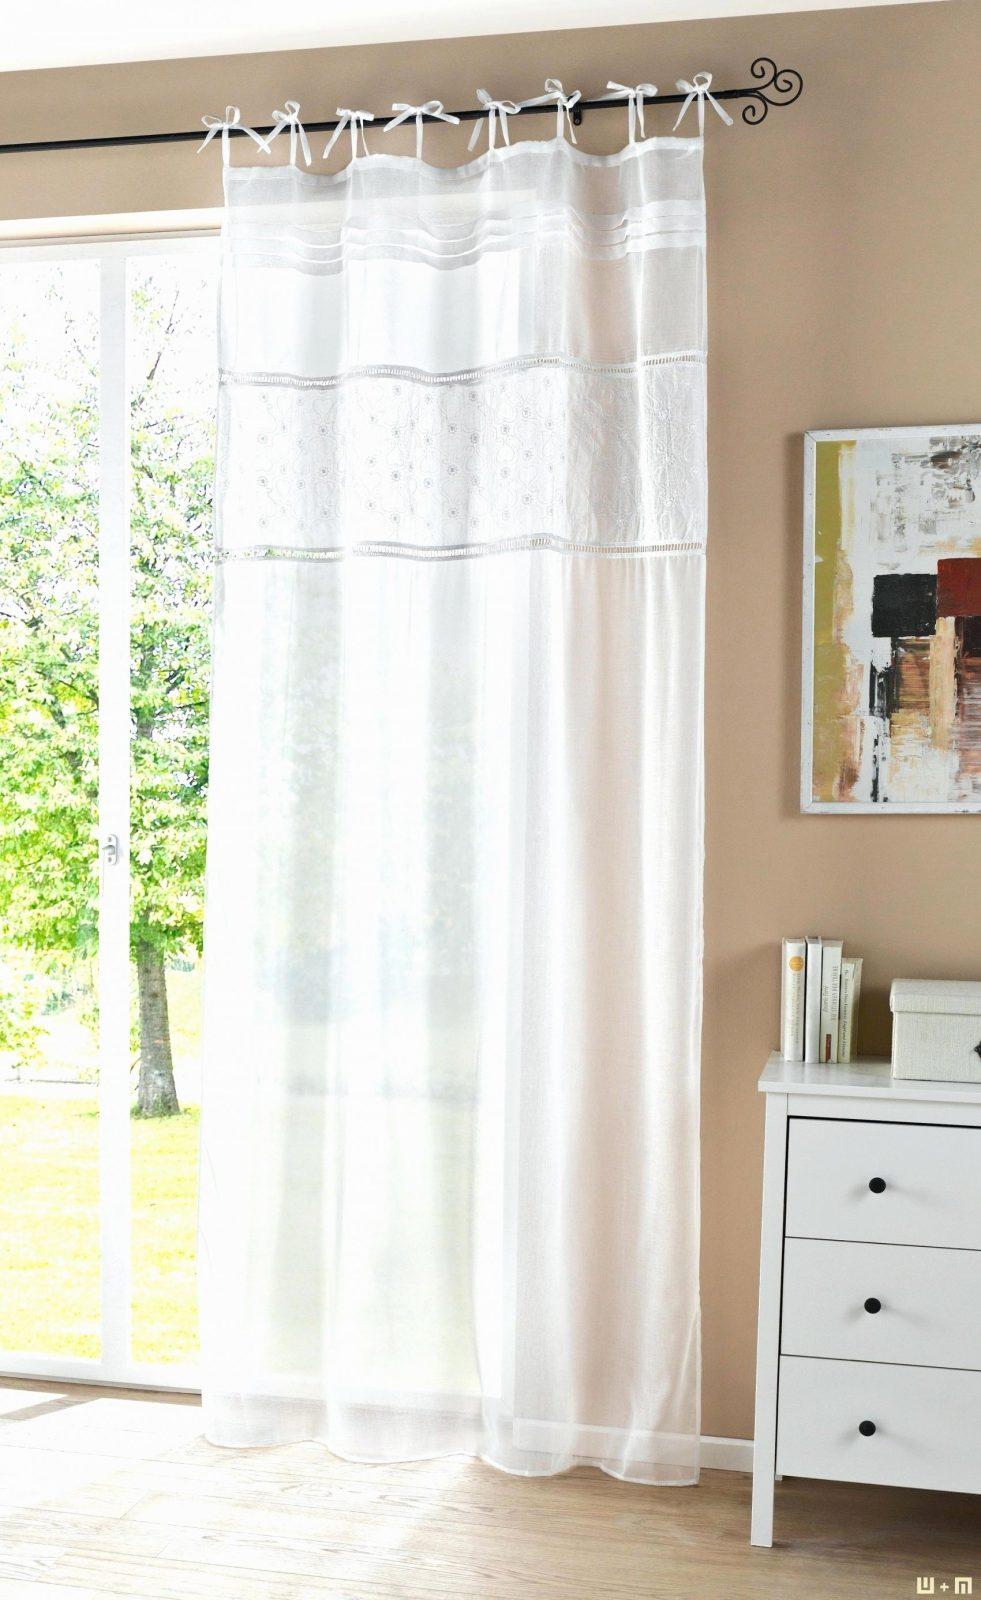 Luxus Rollos Zum Einhängen Ins Fenster Hoteleikenhof Planen Von von Rollos Zum Einhängen Ins Fenster Bild